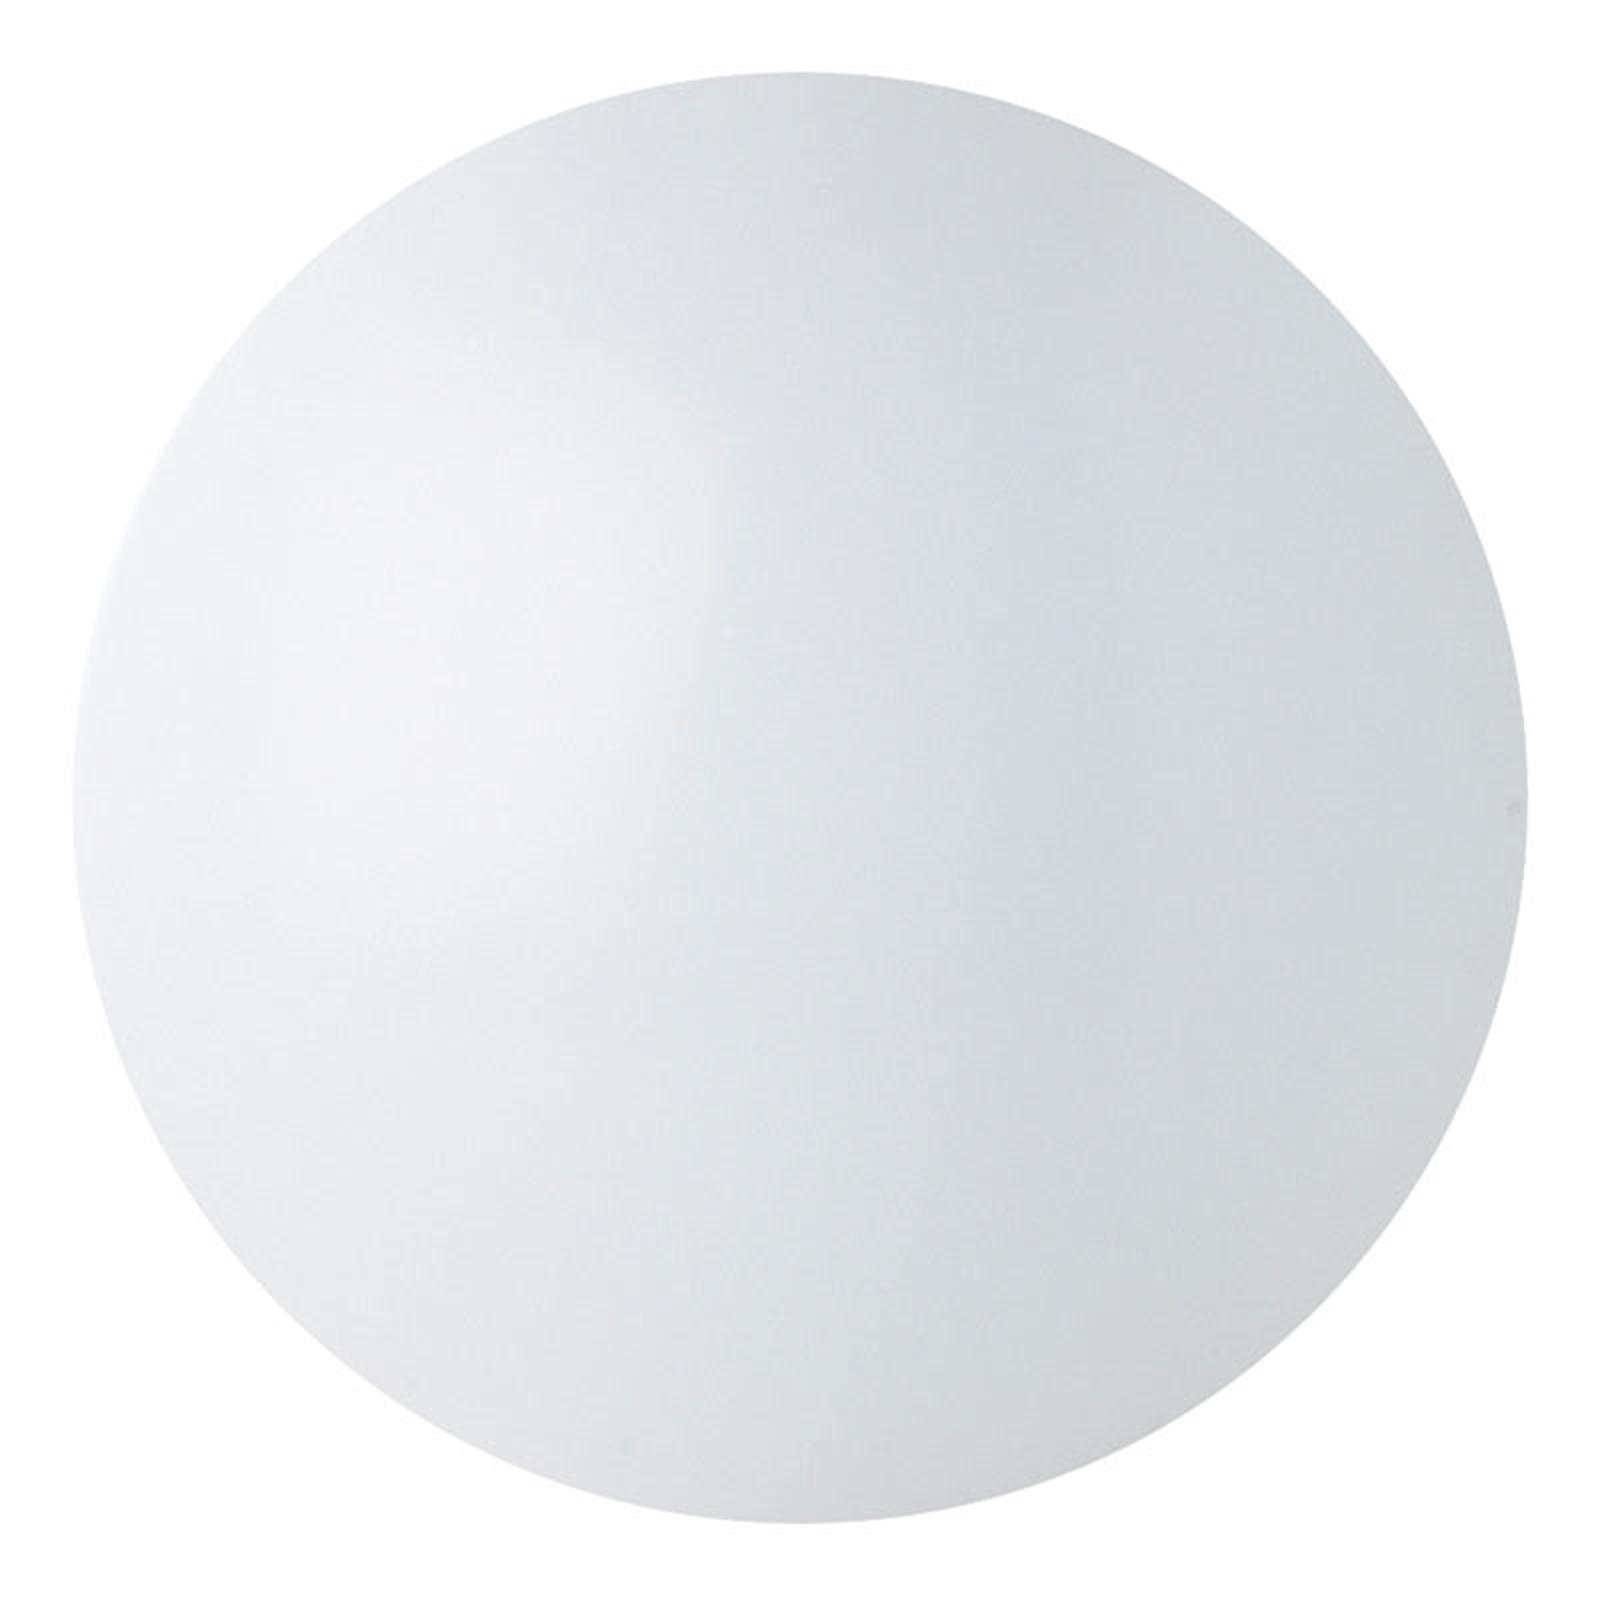 Plafonnier LED Renzo, 22W, 3000K